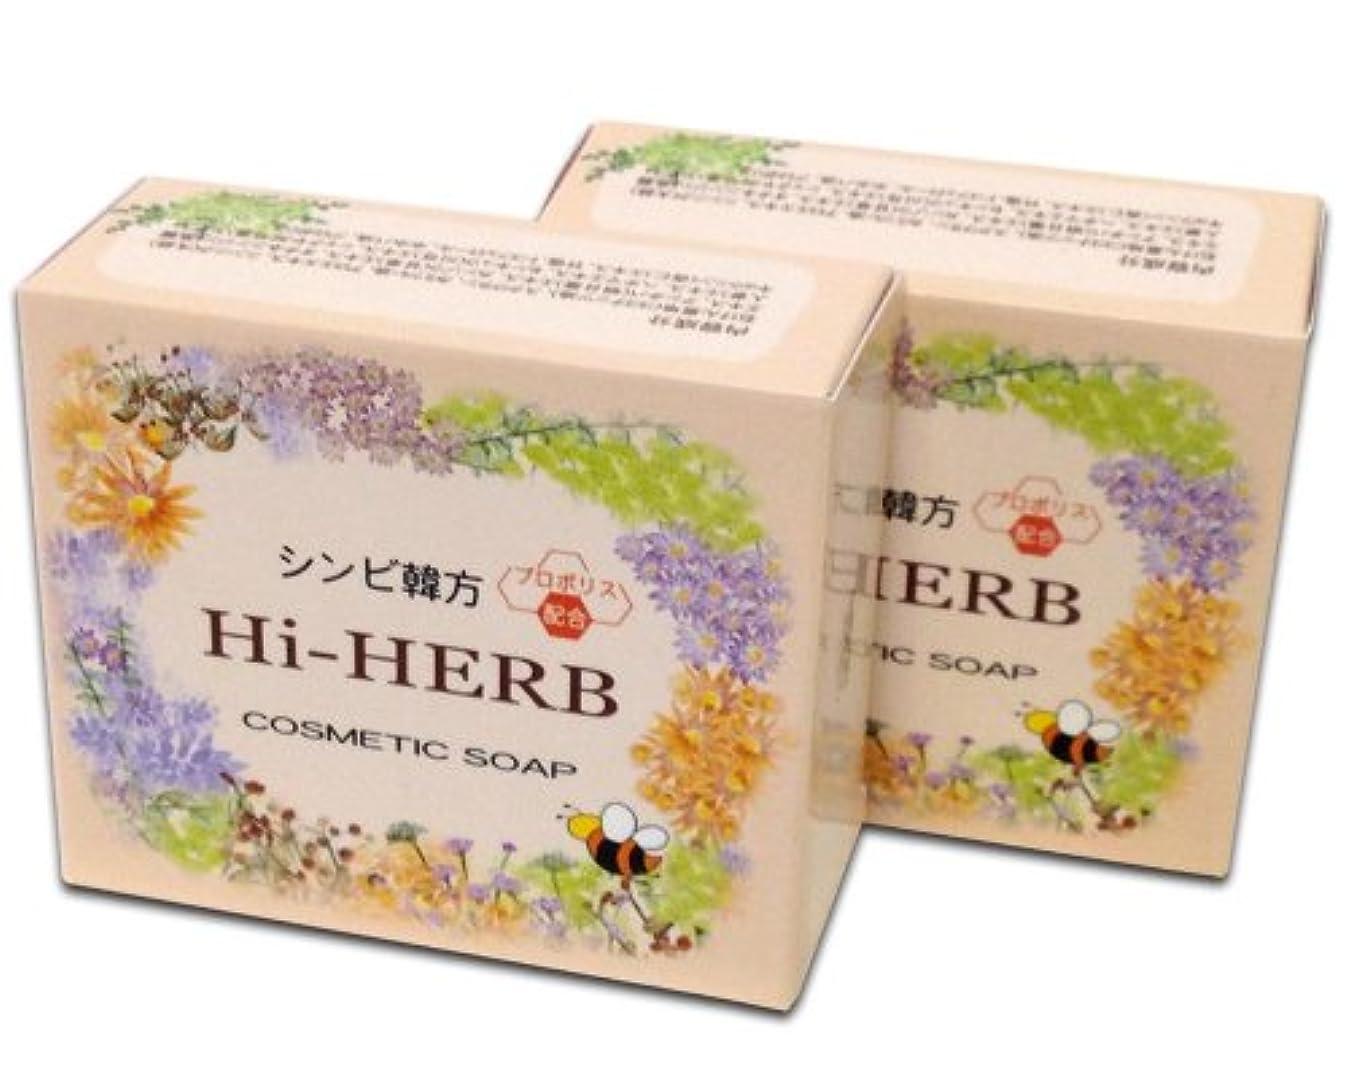 ビタミン分配します田舎者シンビ韓方ハイハーブ石鹸 (2個セット)